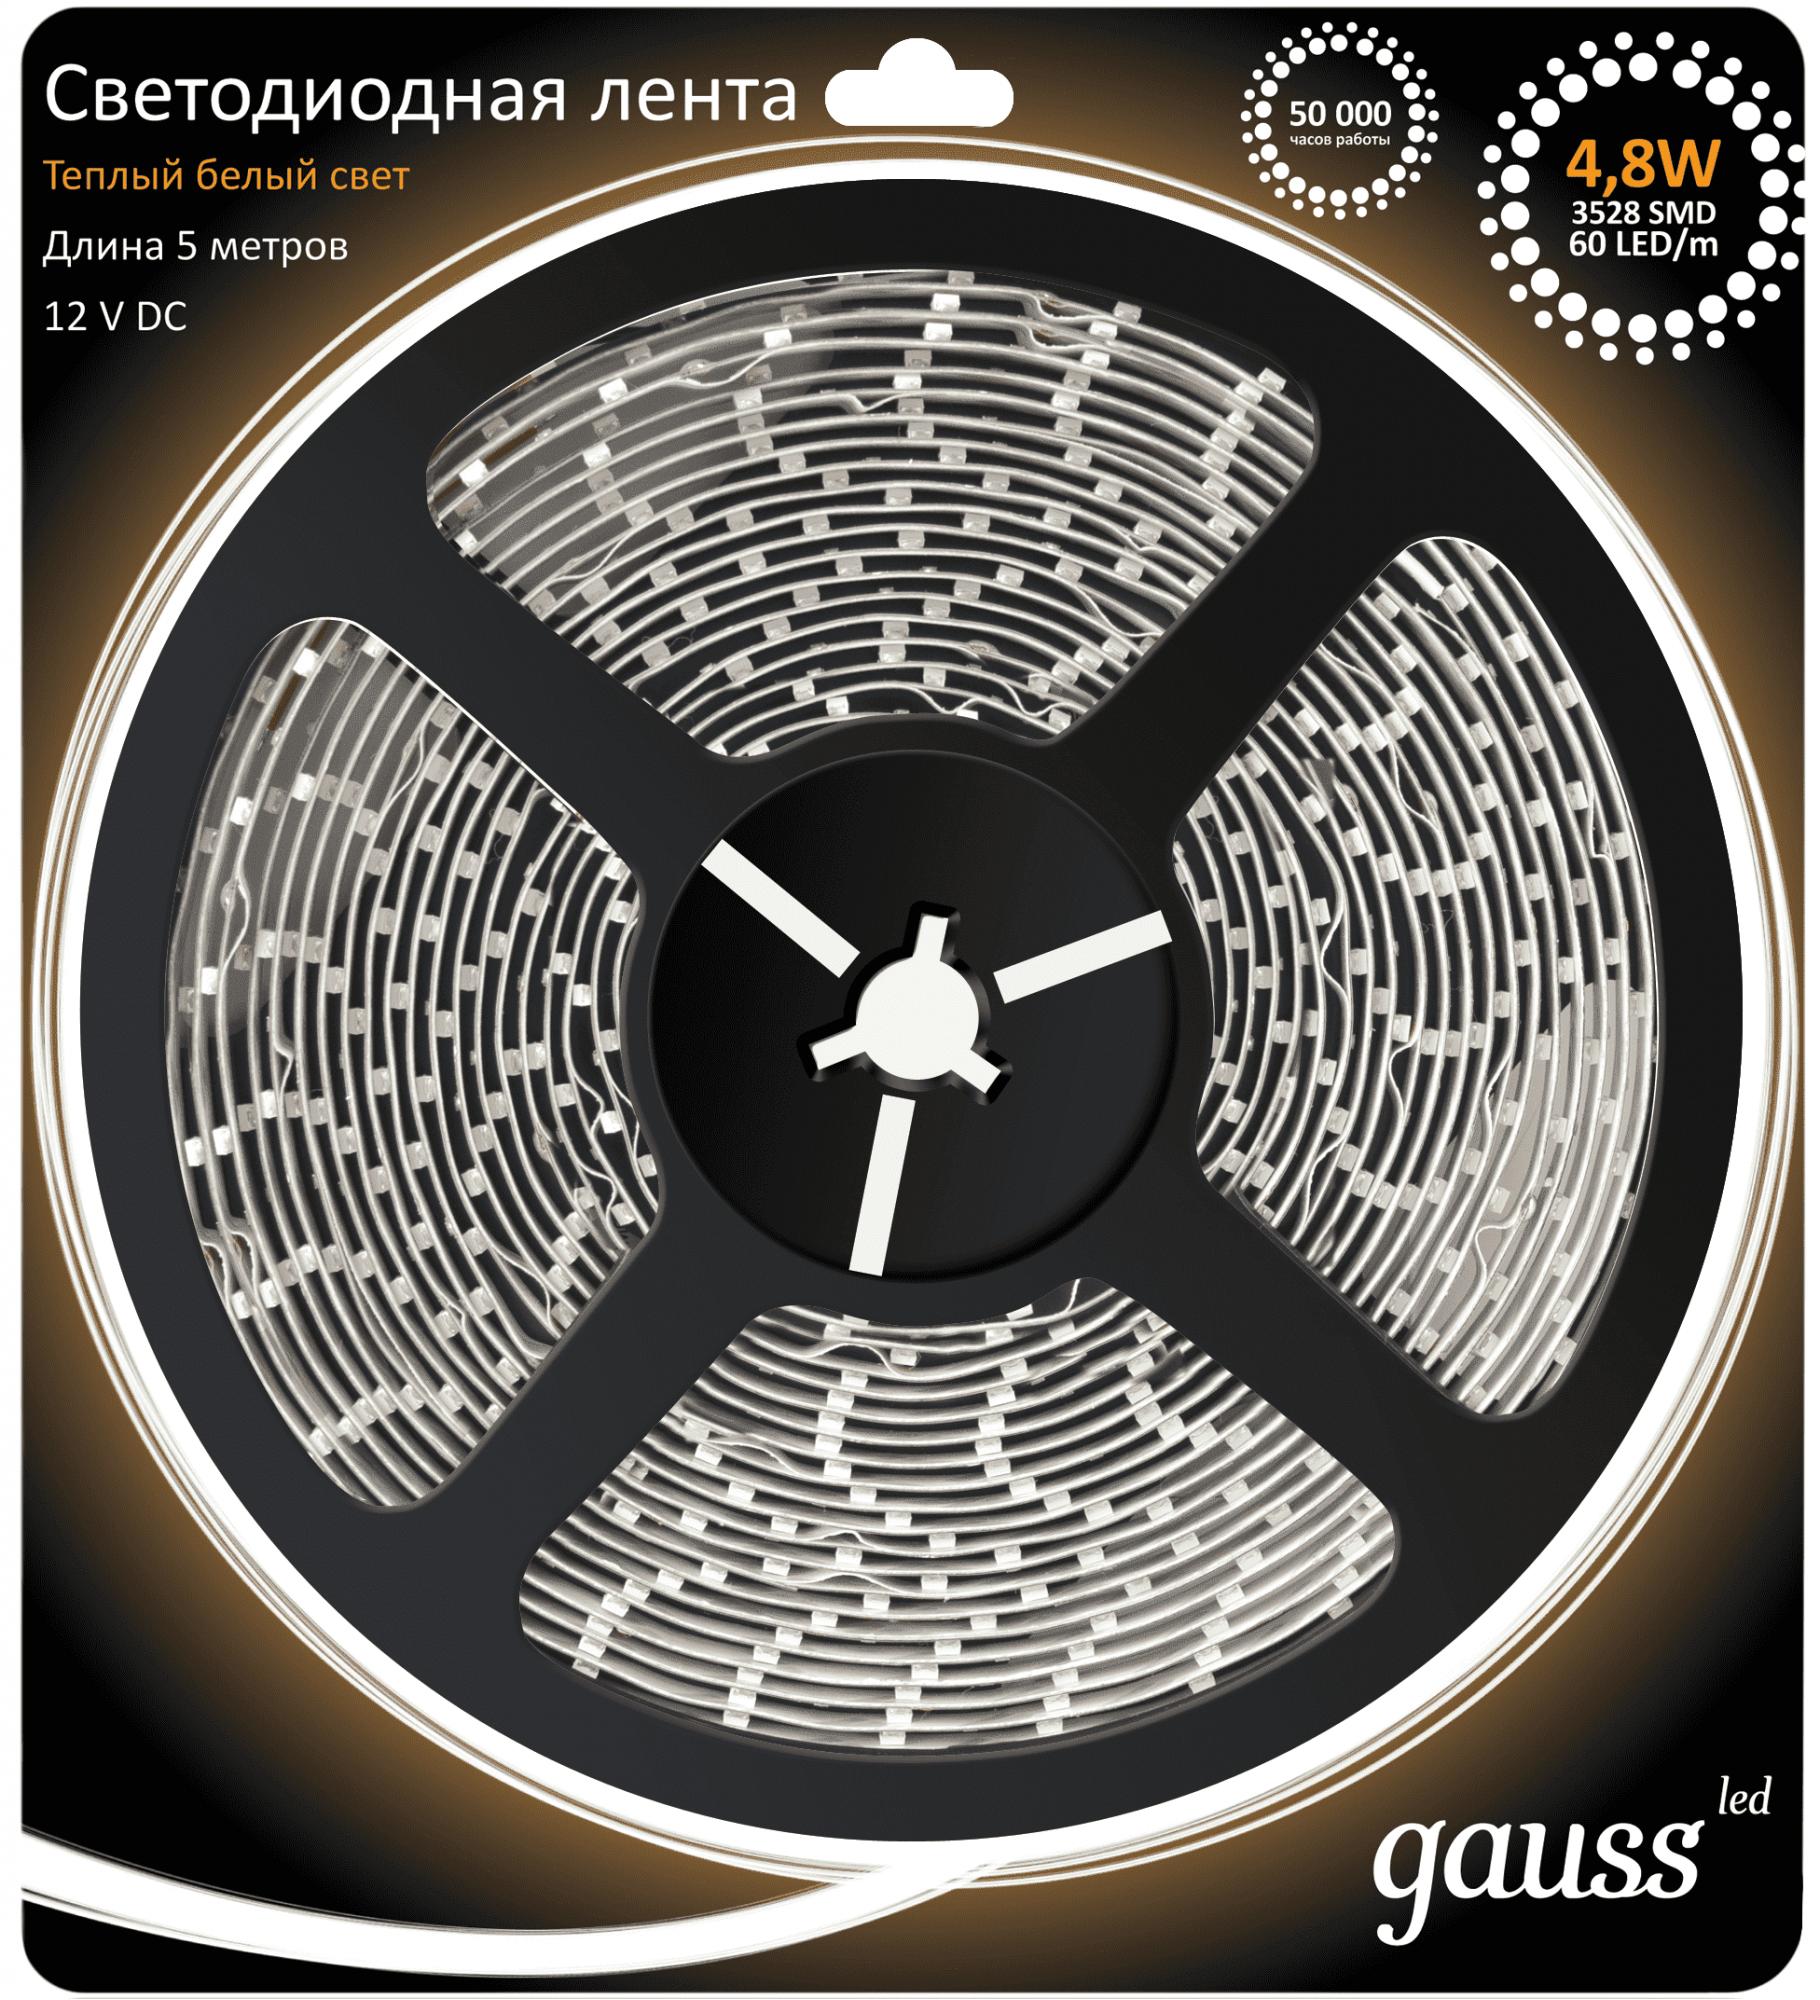 Светодиодная лента Gauss LED 2835/60-SMD 4.8W  12V DC теплый белый (блистер 5м) арт. 312000105